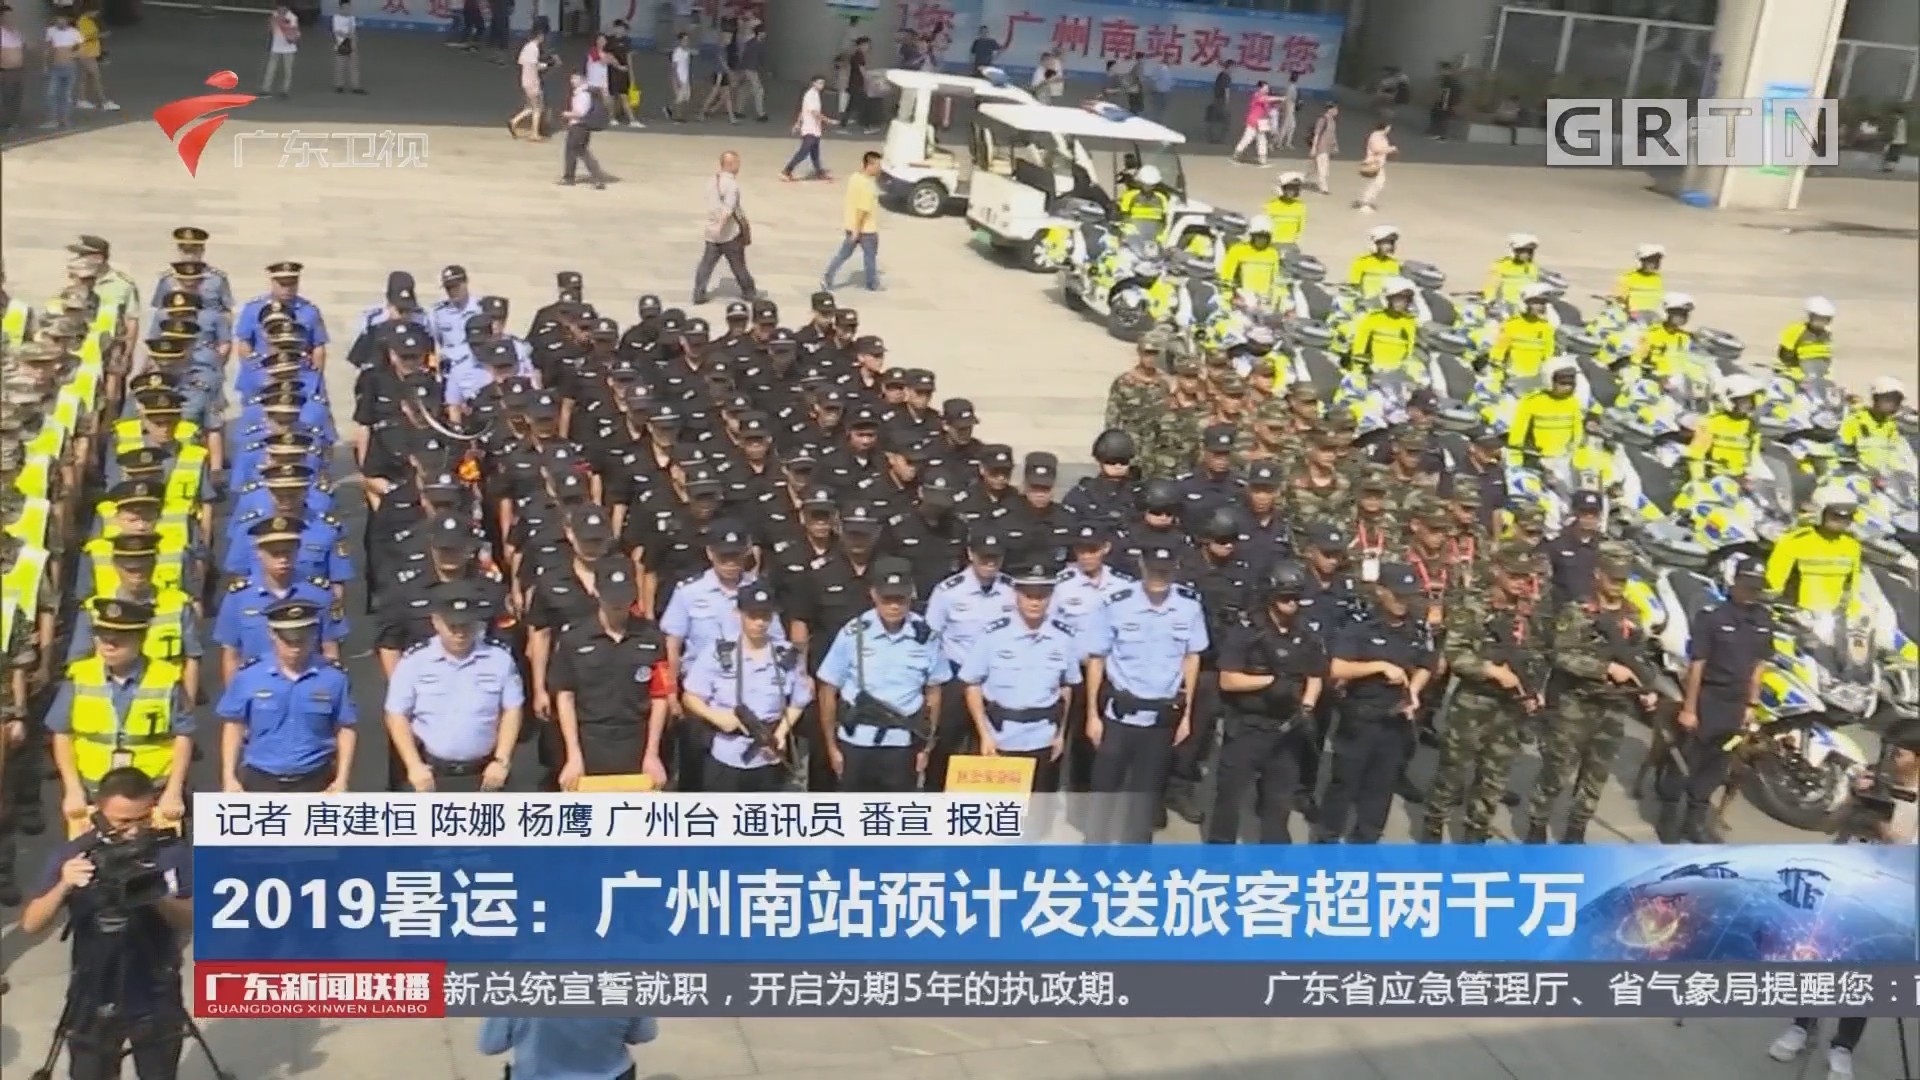 2019暑运:广州南站预计发送旅客超两千万